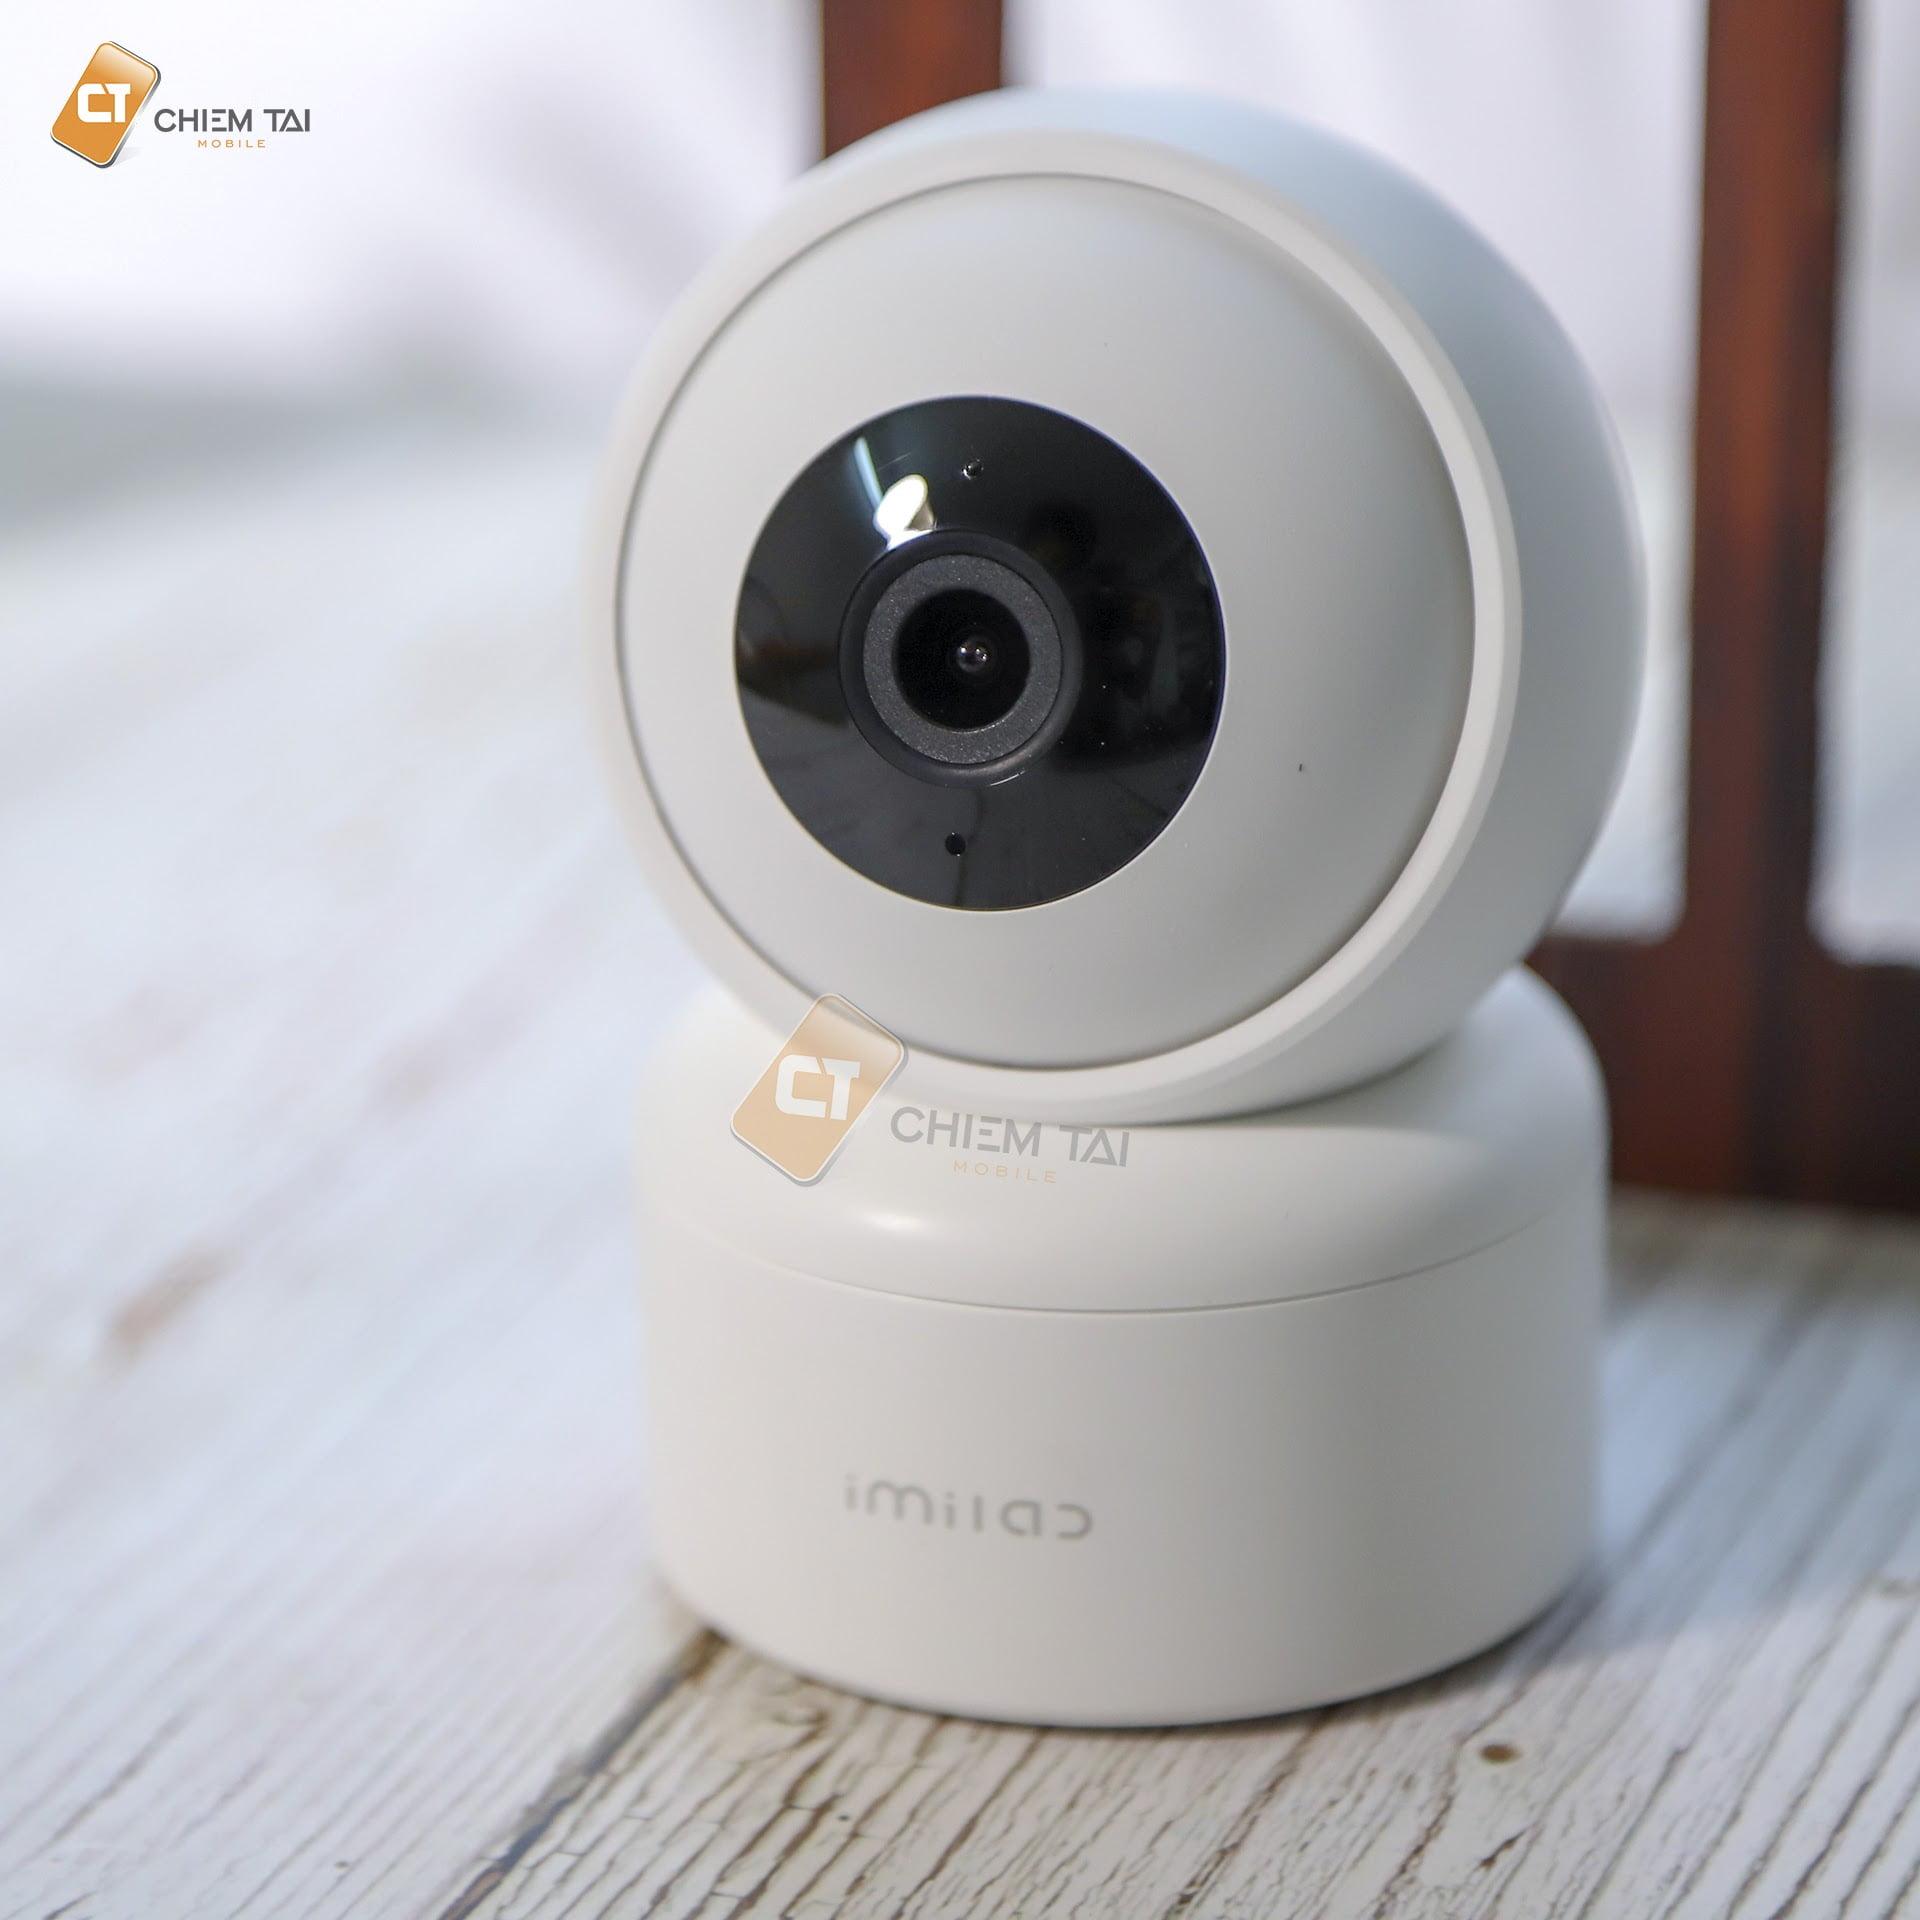 camera ip giam sat imilab c20 hd 1080p 6007d1c062373